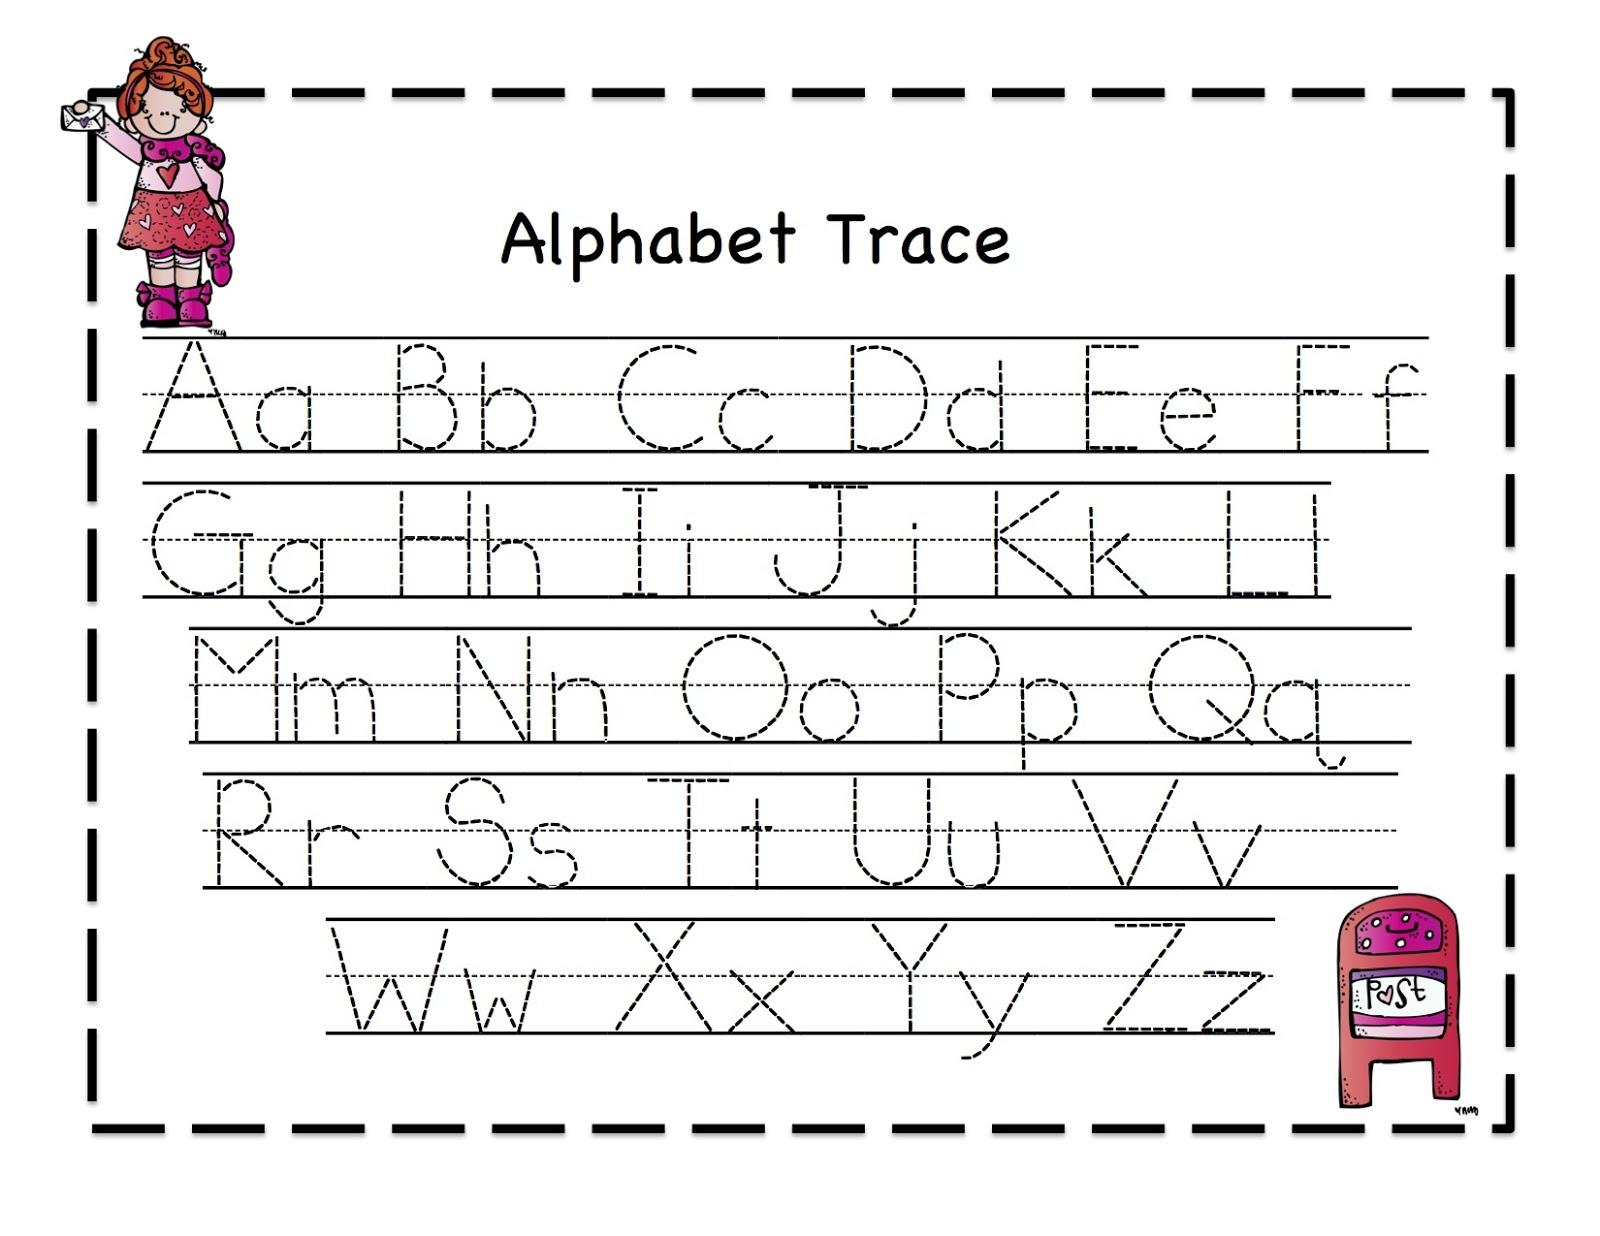 Worksheet Kindergarten Letters alphabet missing letters kindergarten worksheet apk downloader free printable letter tracing worksheets